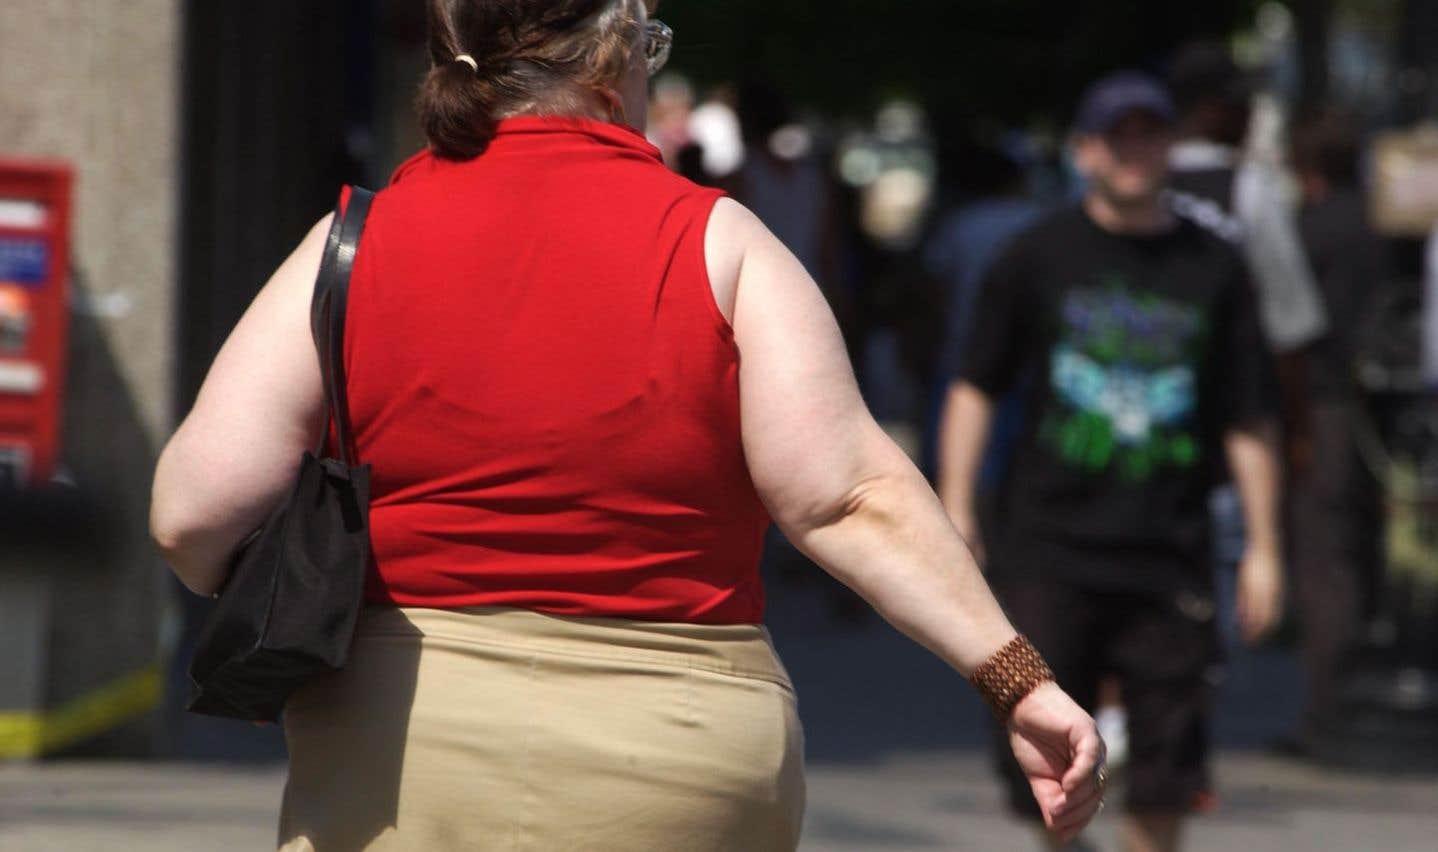 Le taux de surpoids de la population canadienne serait stable depuis 2003, alors que le taux d'obésité est passé de 15,3% à 18,4%.